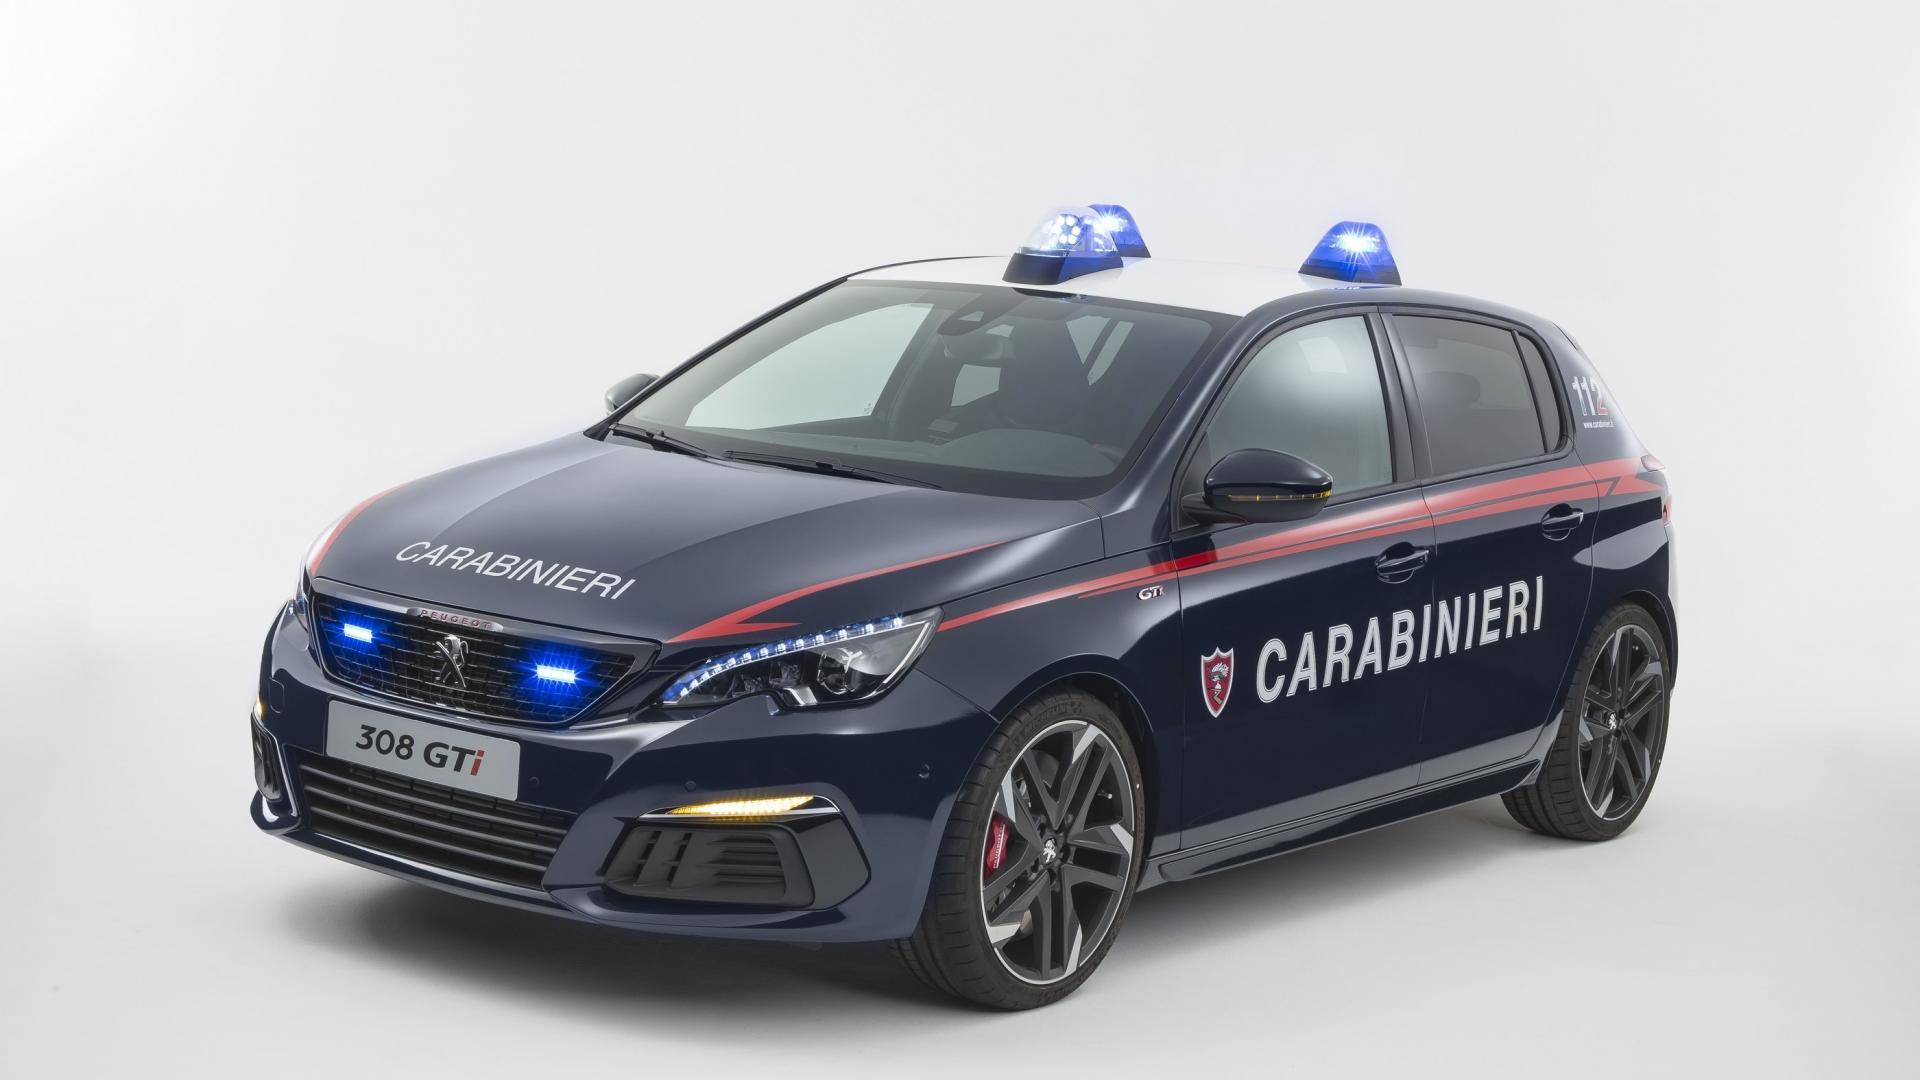 Peugeot 308 GTi Carabinieri (11)